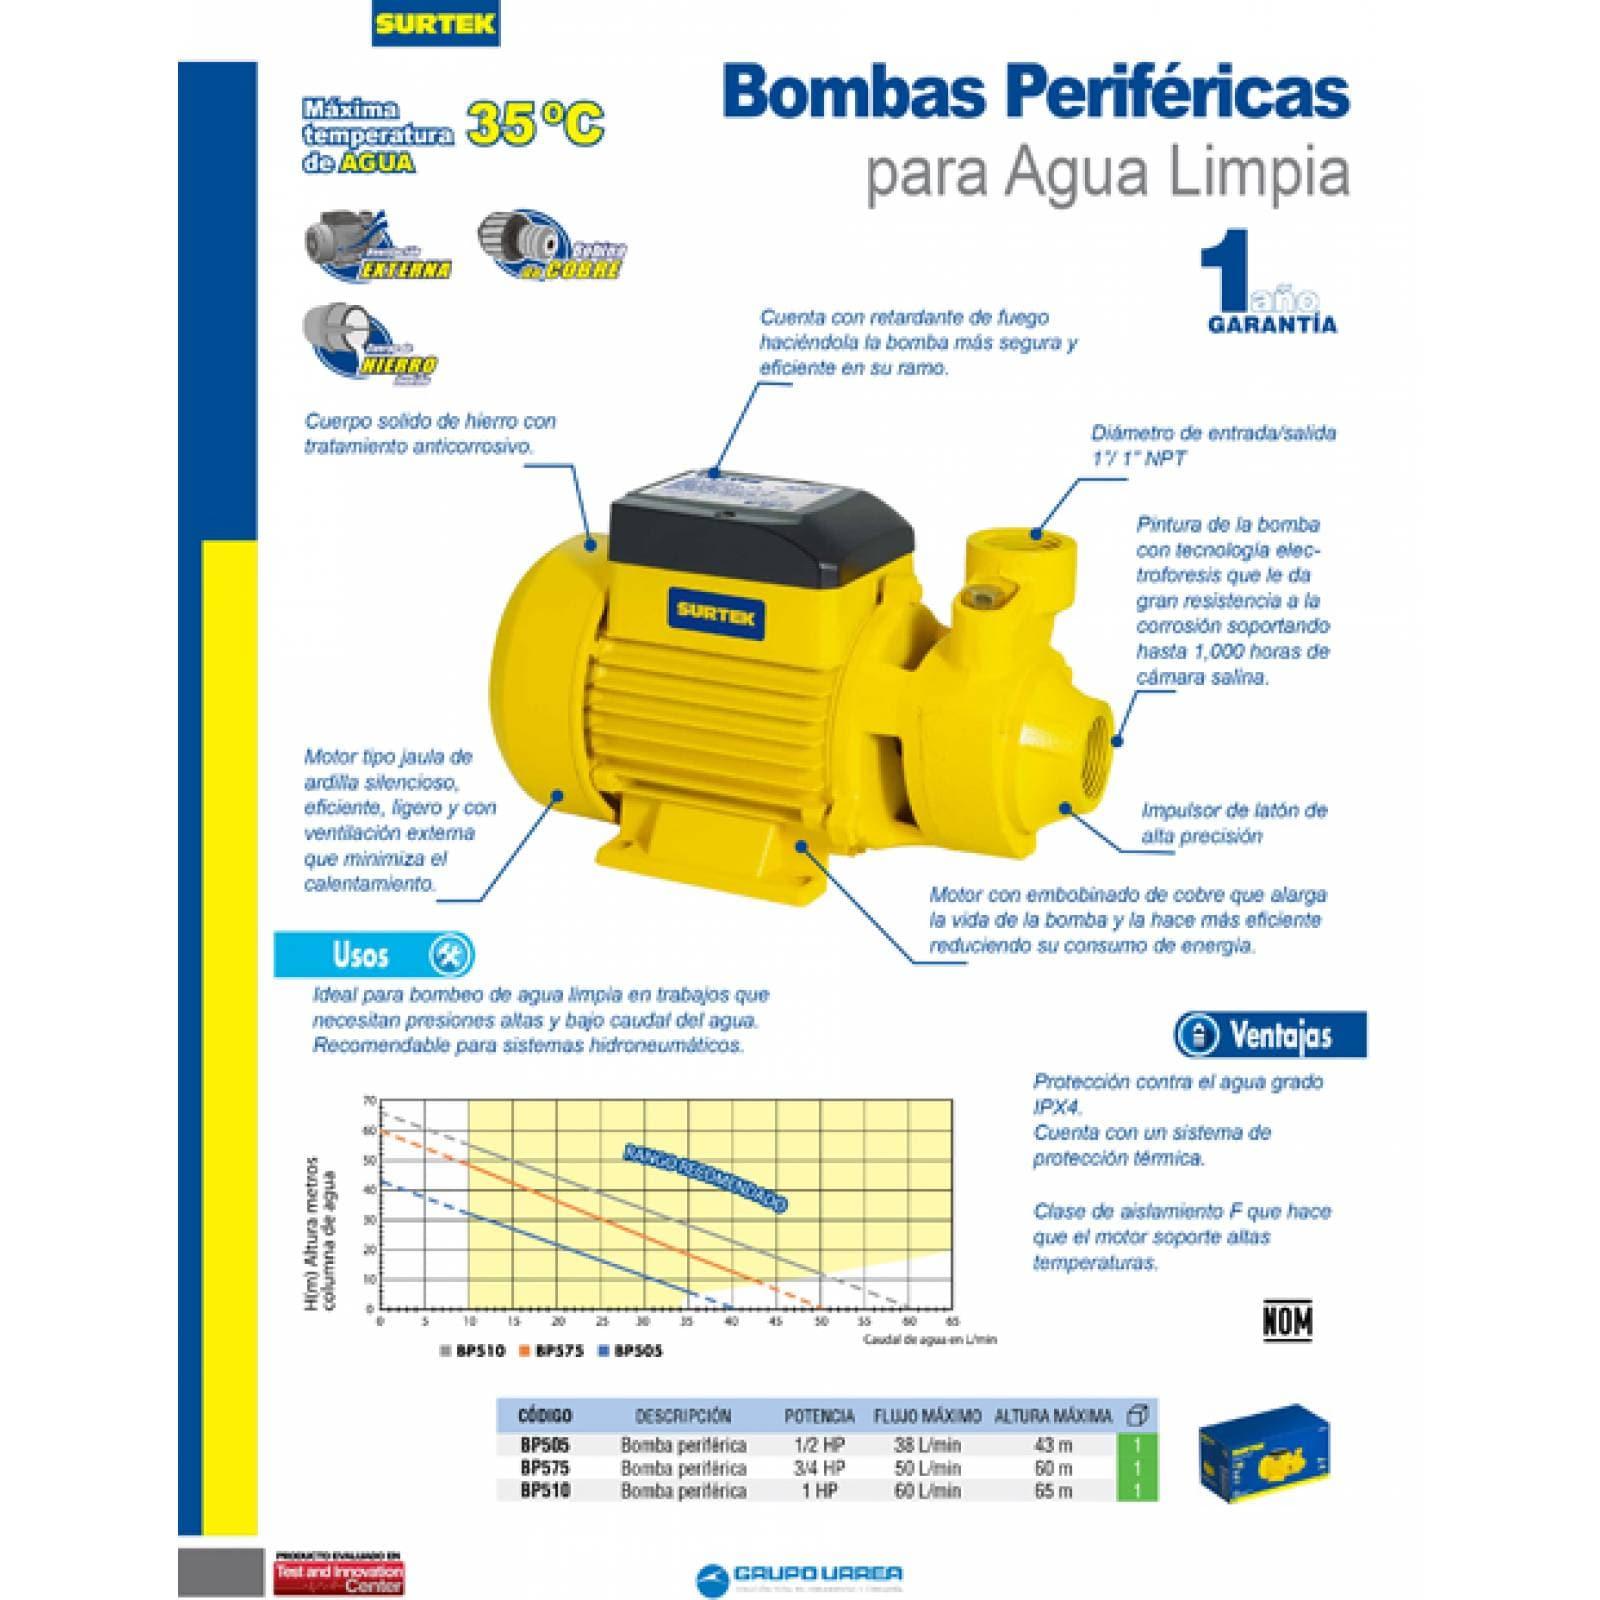 Bomba Periférica De 1/2 Hp Altura Máxima 43 M BP505 Surtek